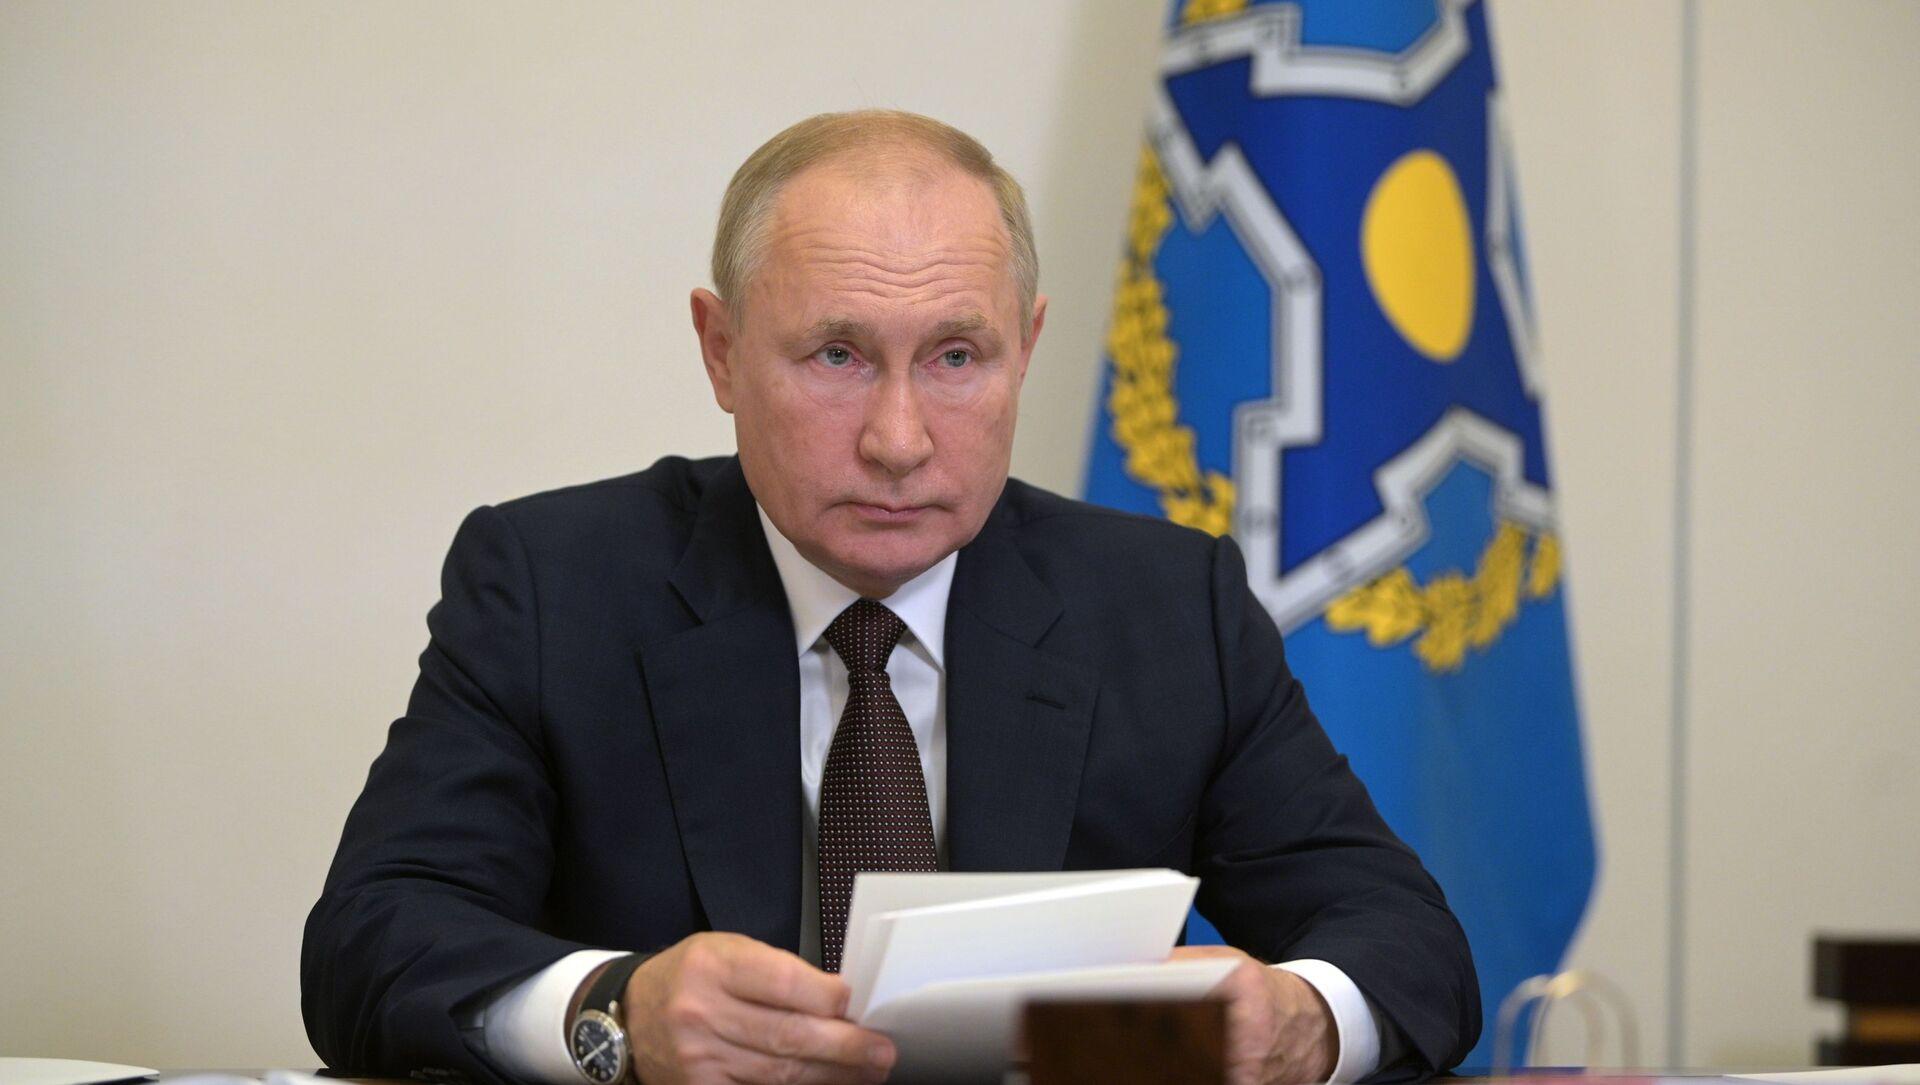 Президент РФ В. Путин по видеосвязи принял участие в заседании лидеров ОДКБ - Sputnik Абхазия, 1920, 17.09.2021